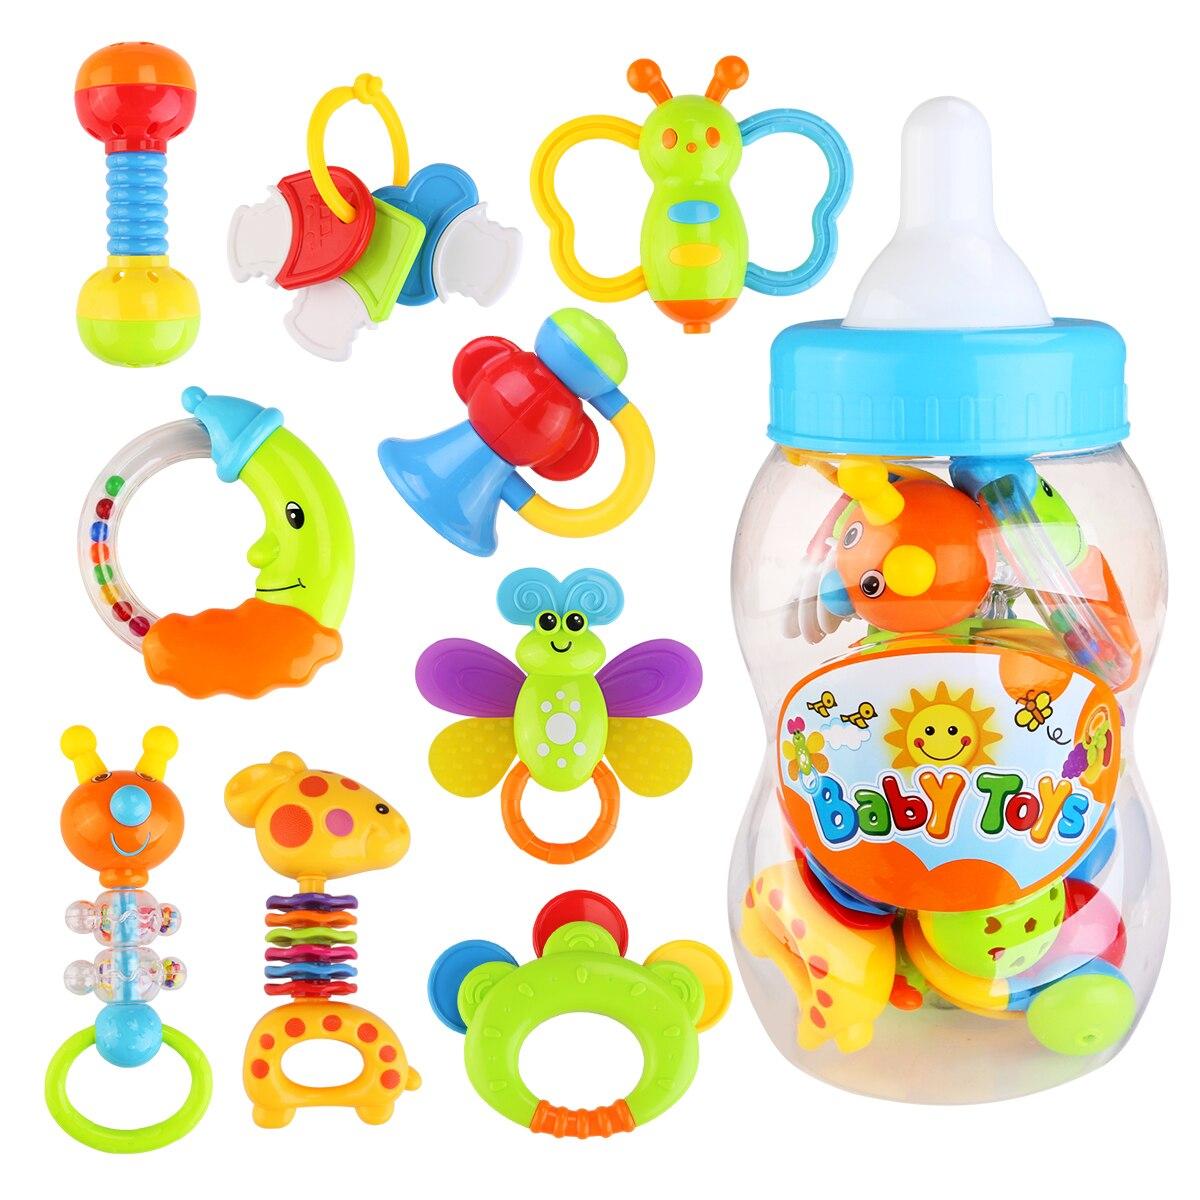 9 pièces Babys premier hochet et jouet de dentition avec bouteille de lait géante saisir jouet coloré (couleur aléatoire)